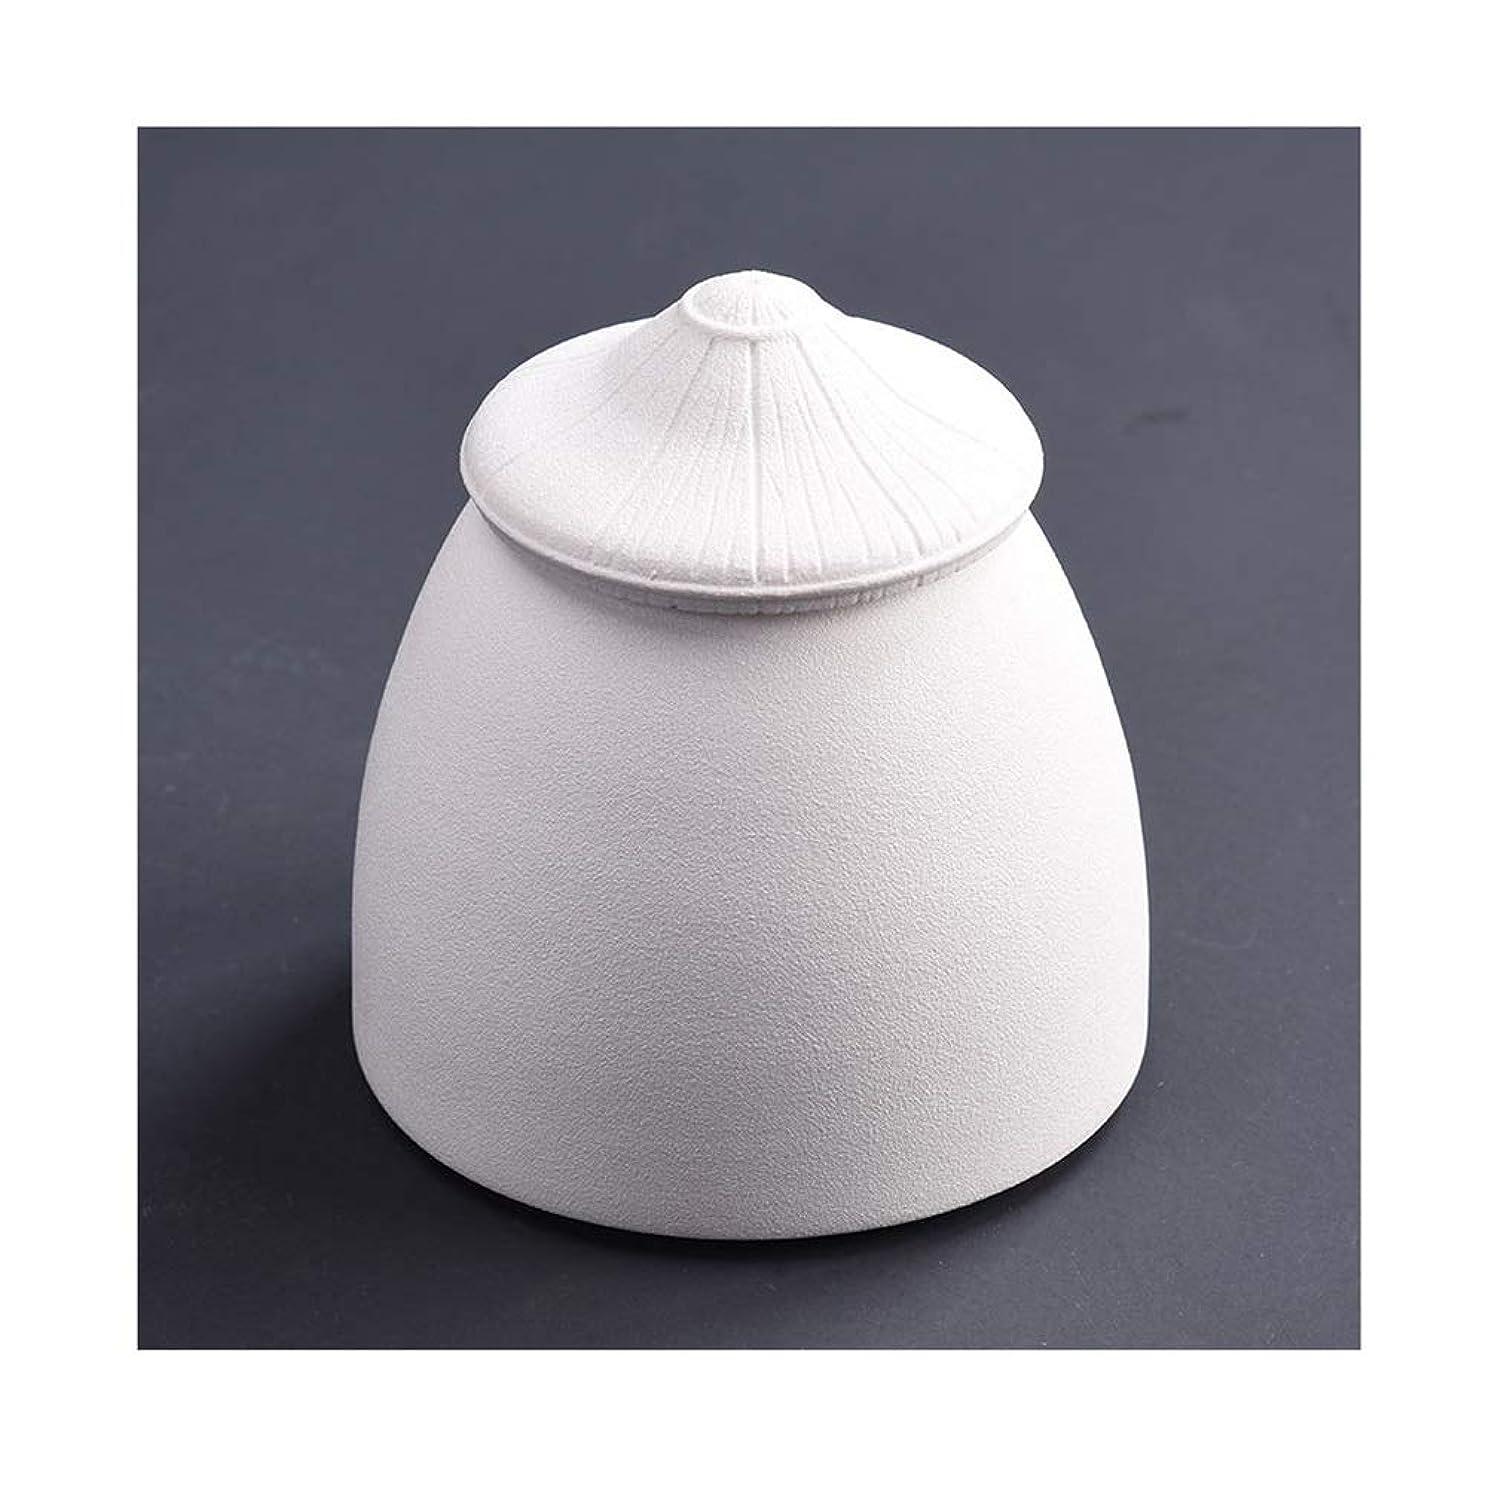 大騒ぎ提出するわずらわしい骨壺 ミニ骨壷火葬大人の子供の灰の貯蔵タンクのセラミック材料は、人間の灰の少量のための葬儀のお土産を密封 (Color : White)